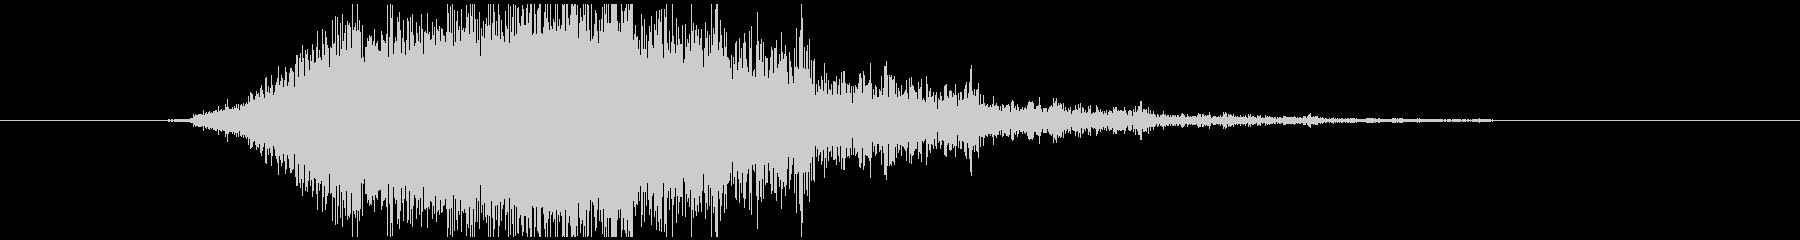 ジーンというホラー系の効果音 の未再生の波形